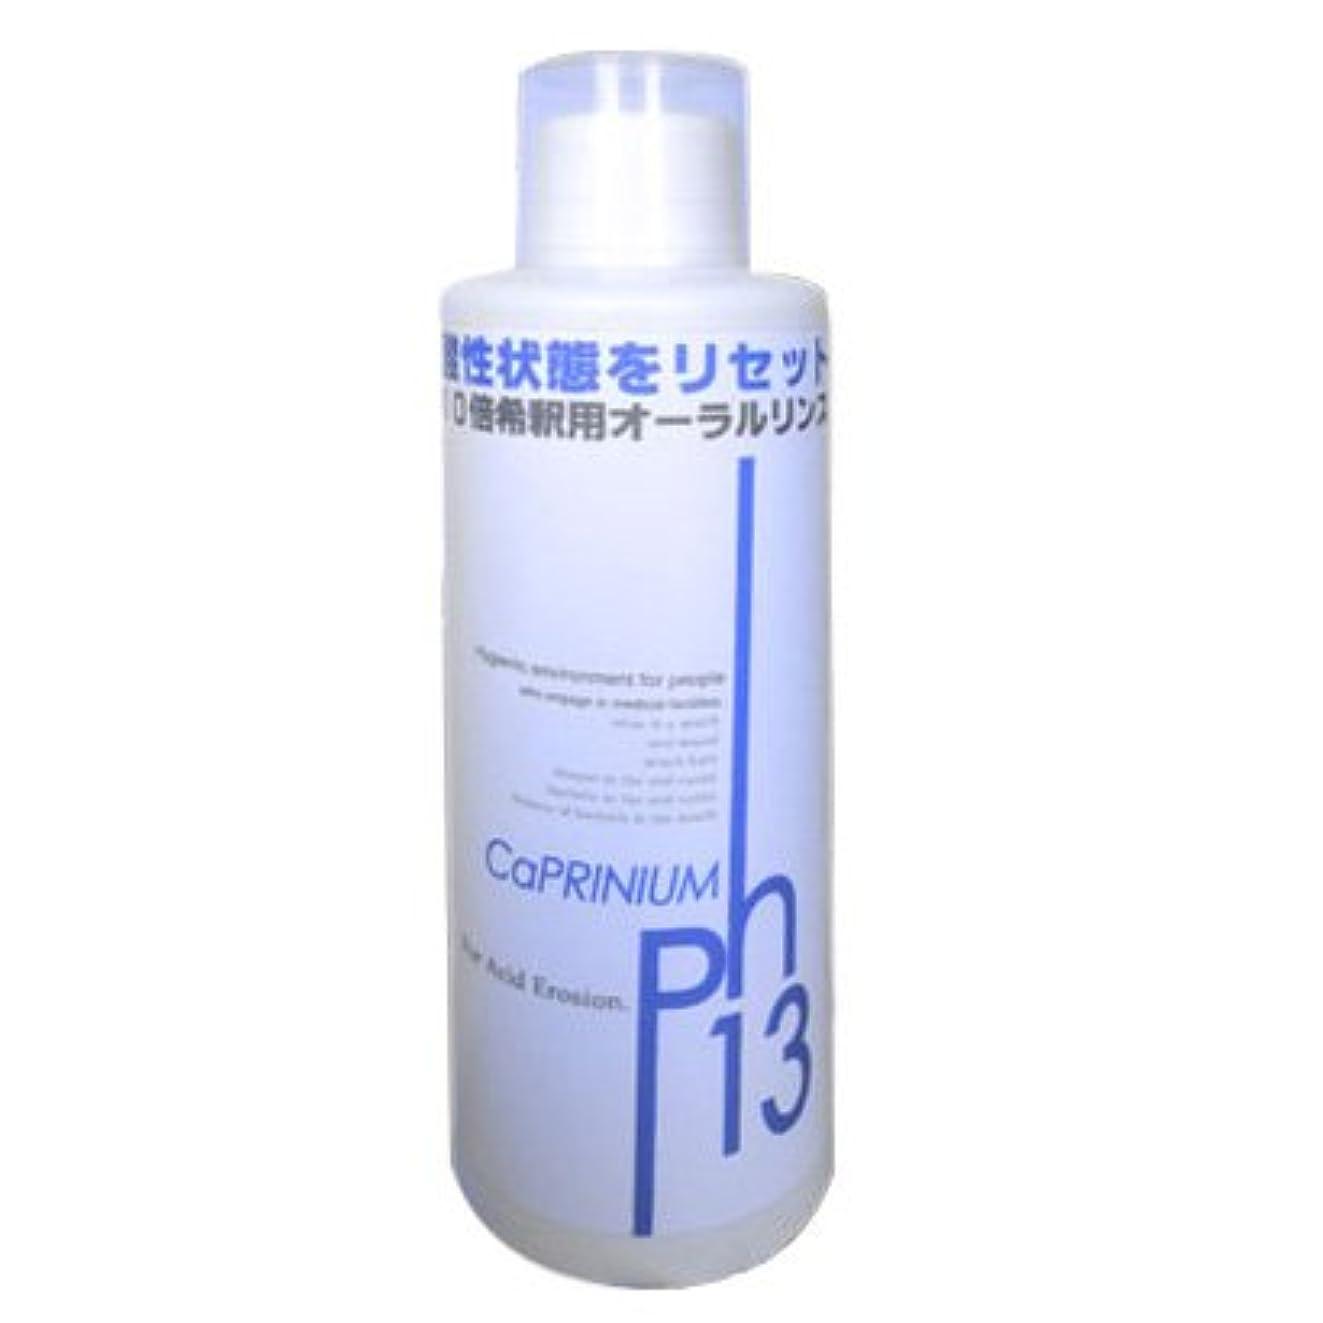 レベルリレー指定するカプリニウム サーティーンリンス(CaPRINIUM 13)